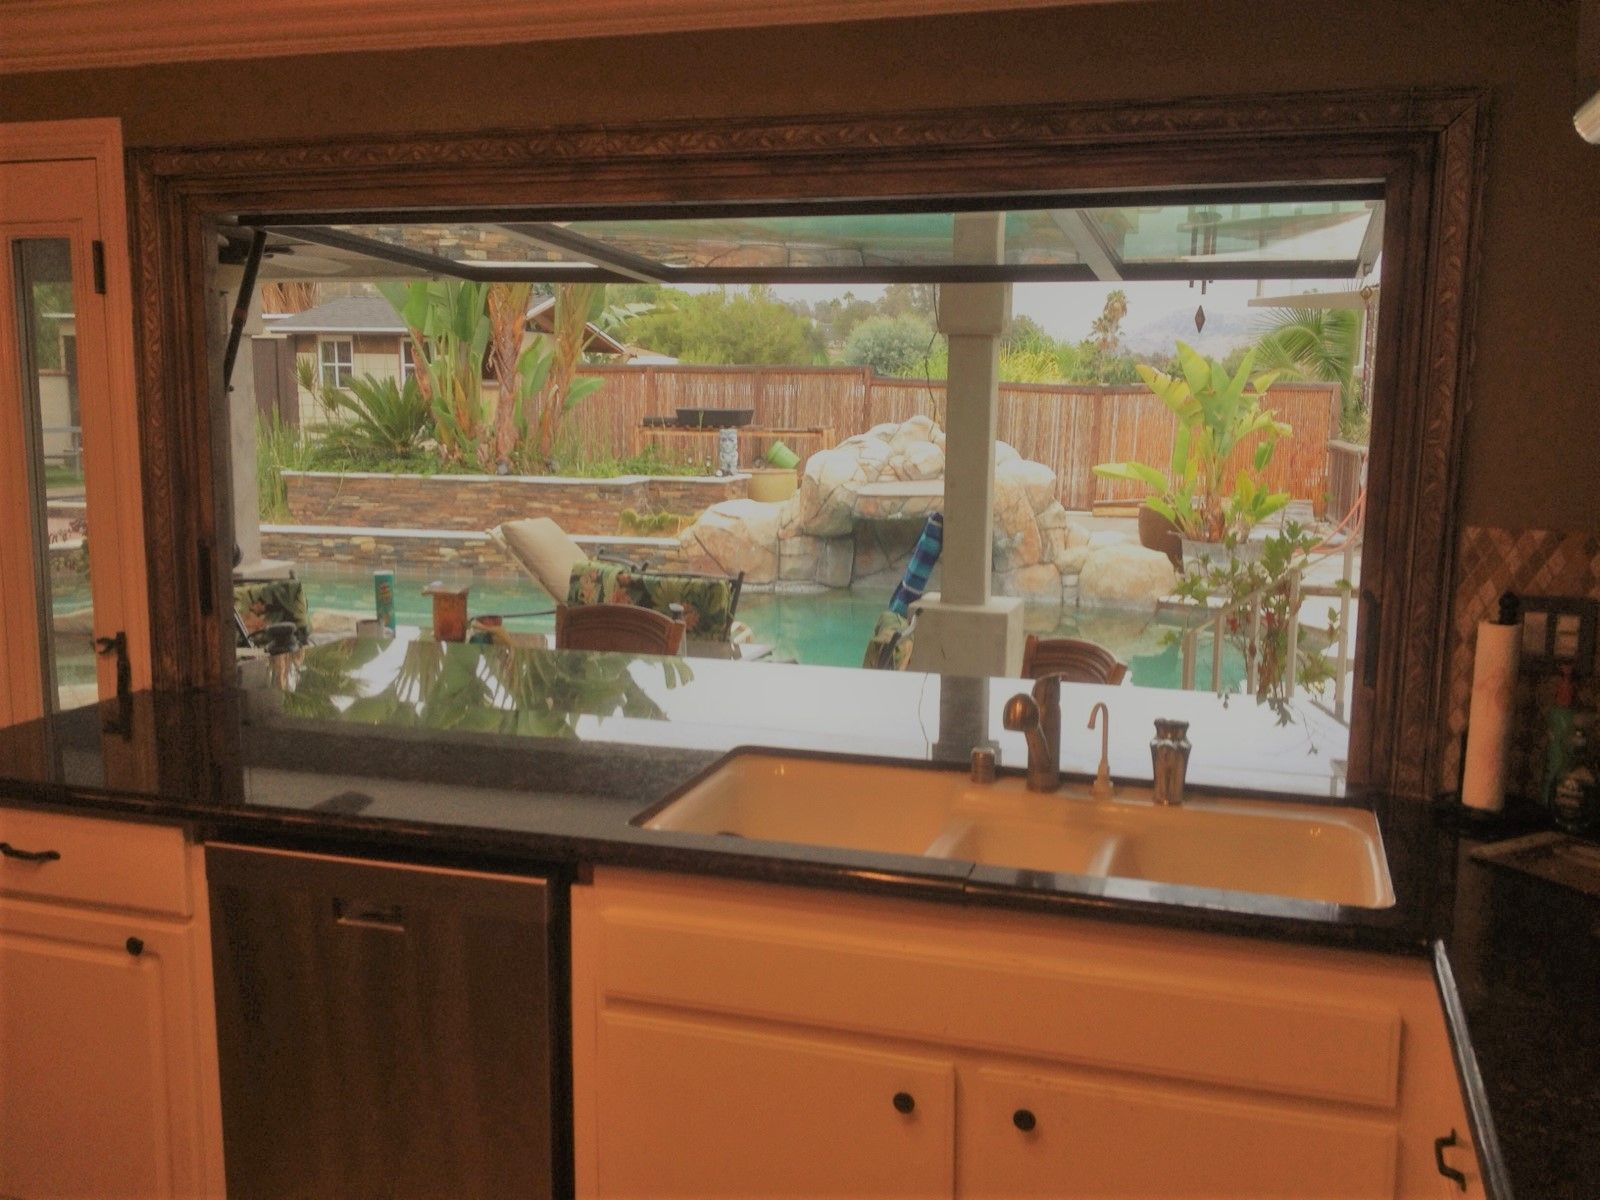 Kitchen servery window ideas  flip out windows ingajohnson on pinterest